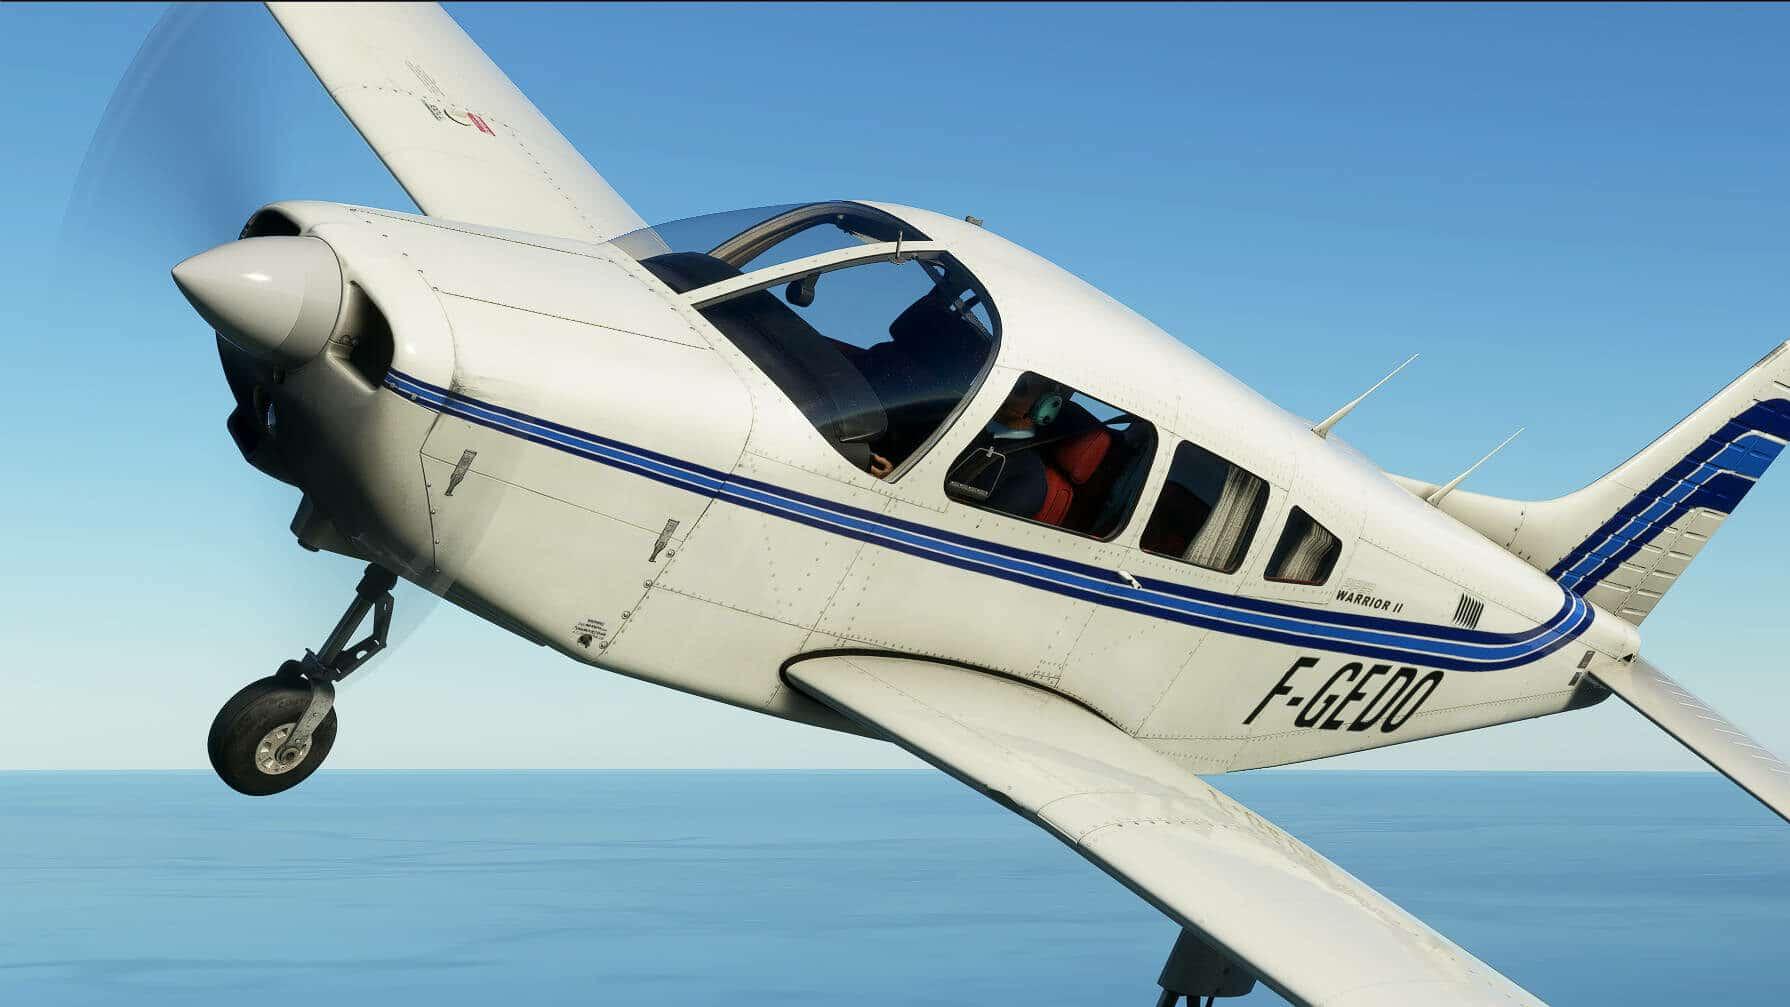 pa28-161-warrior-ii-microsoft-flight-simulator_1_ss_l_210721103044